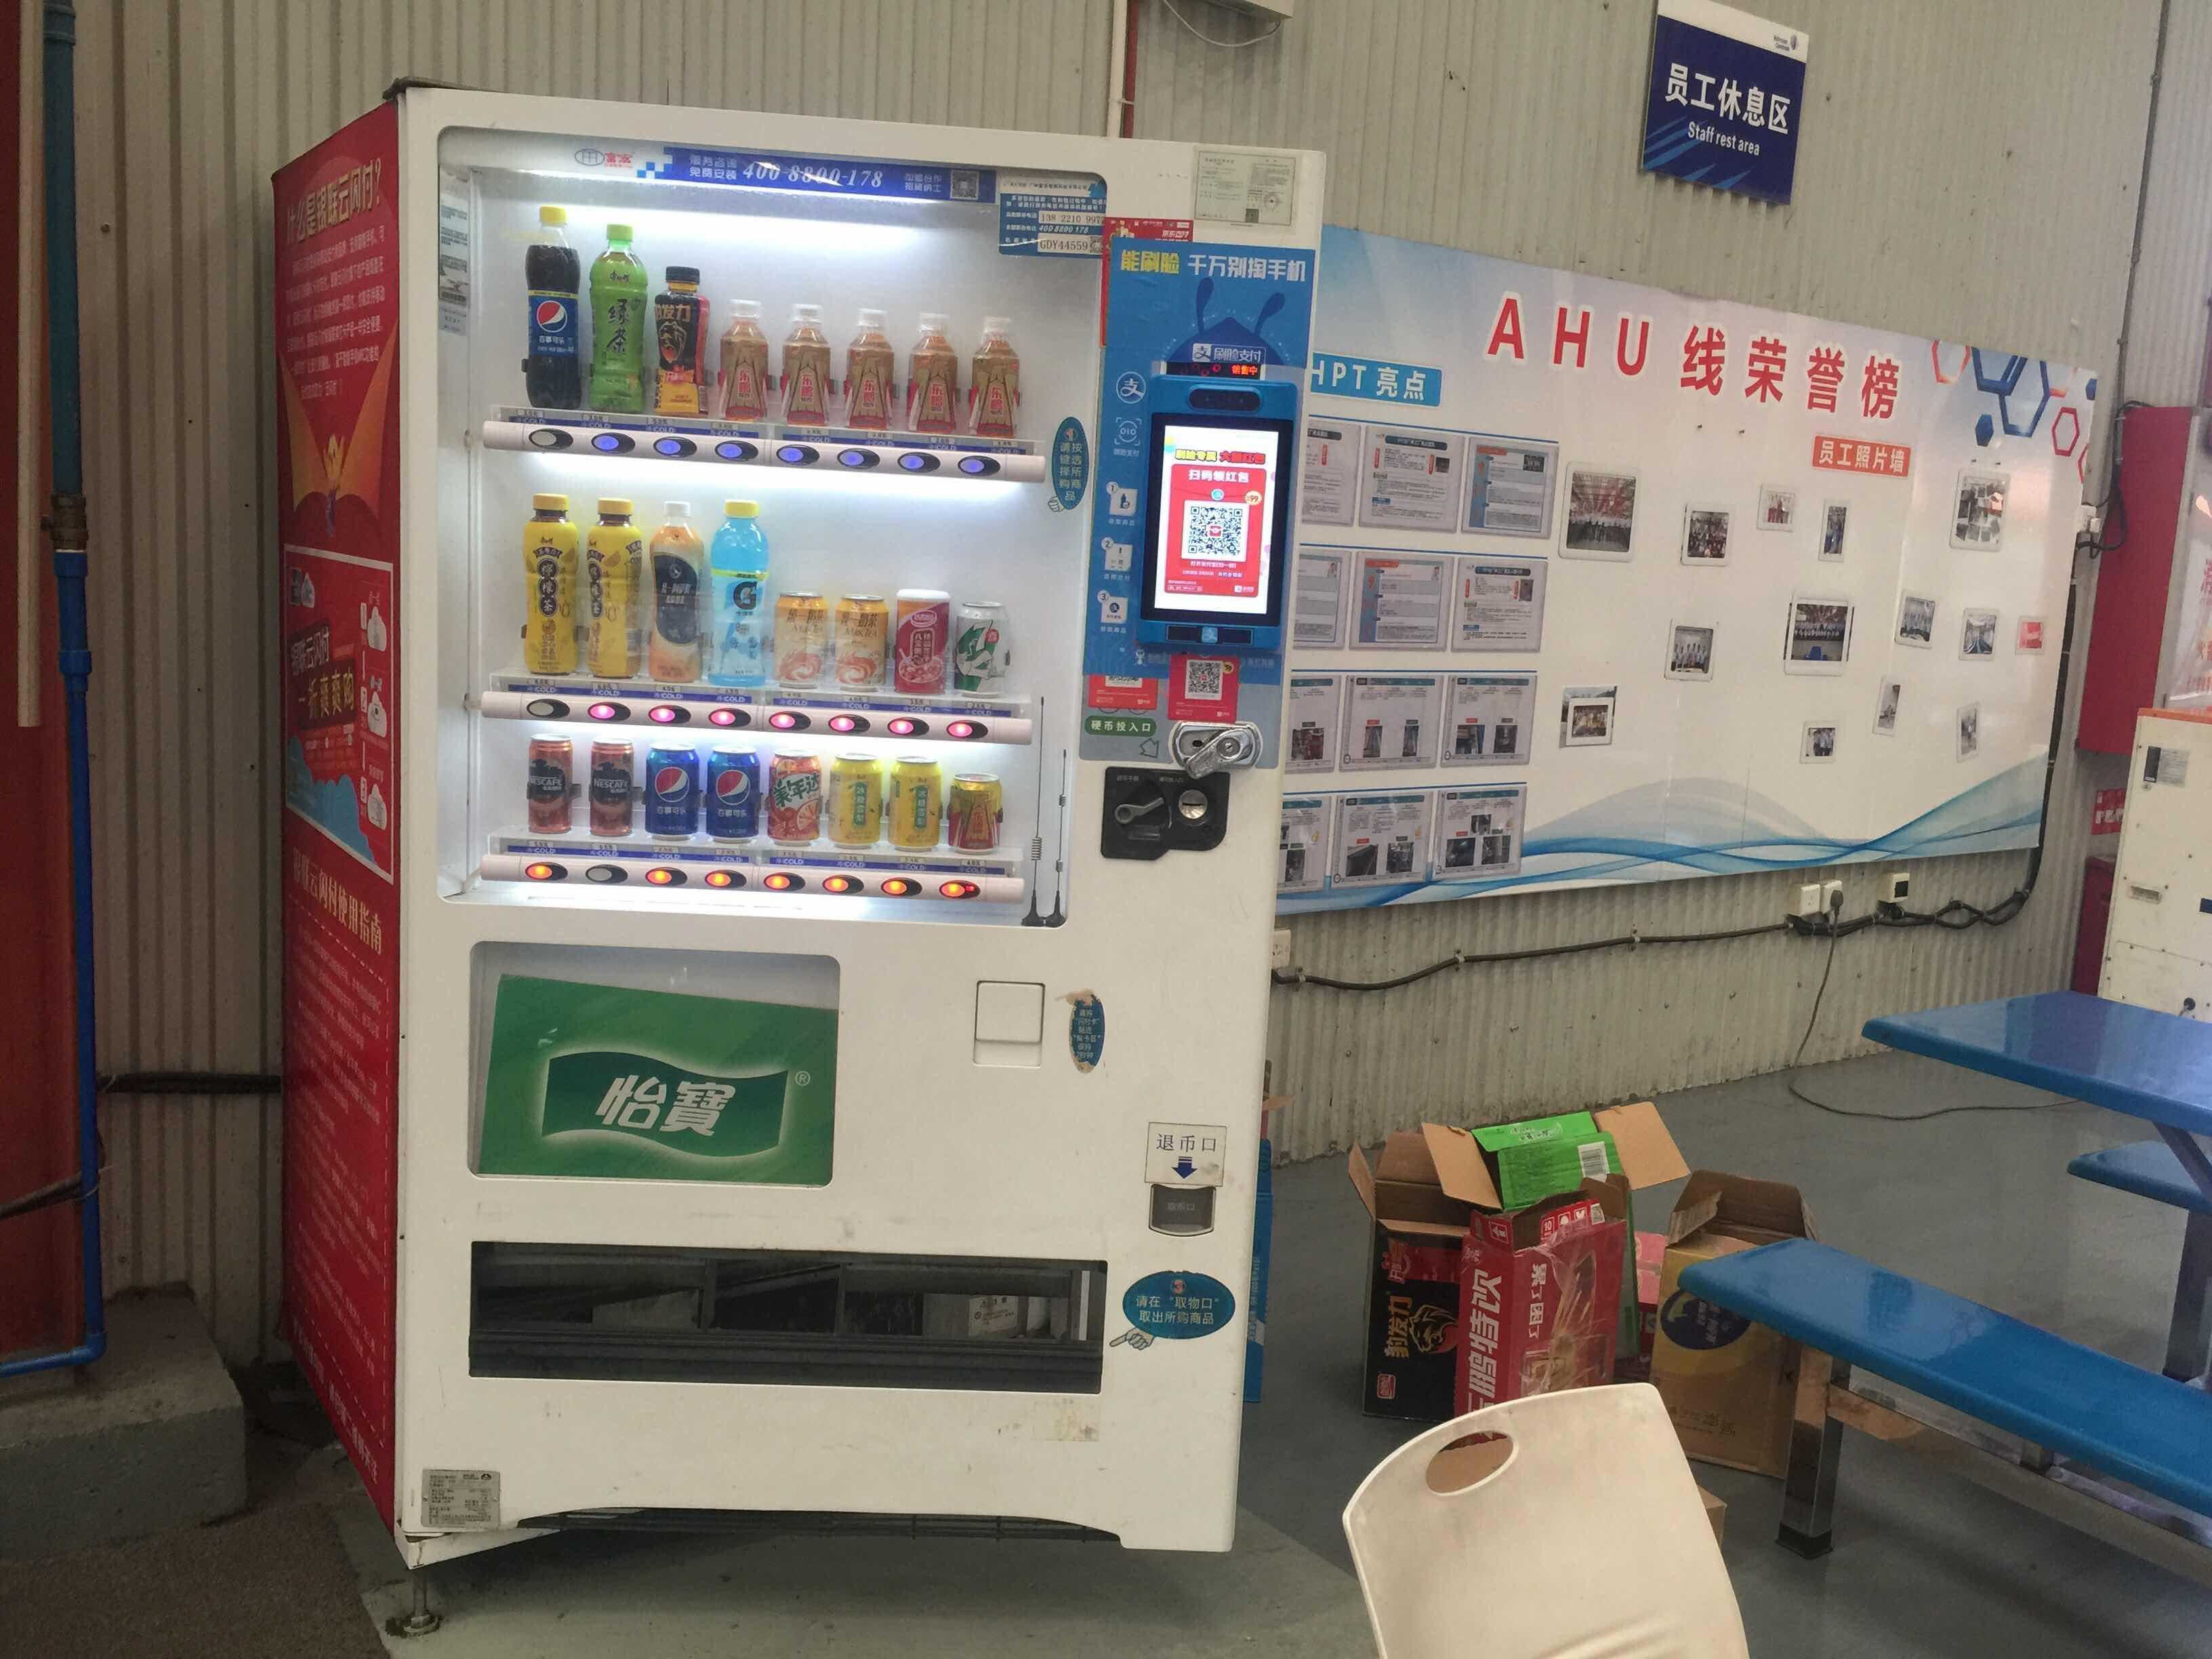 自动售货机,自助售卖机,自动贩卖机,智能售货机,